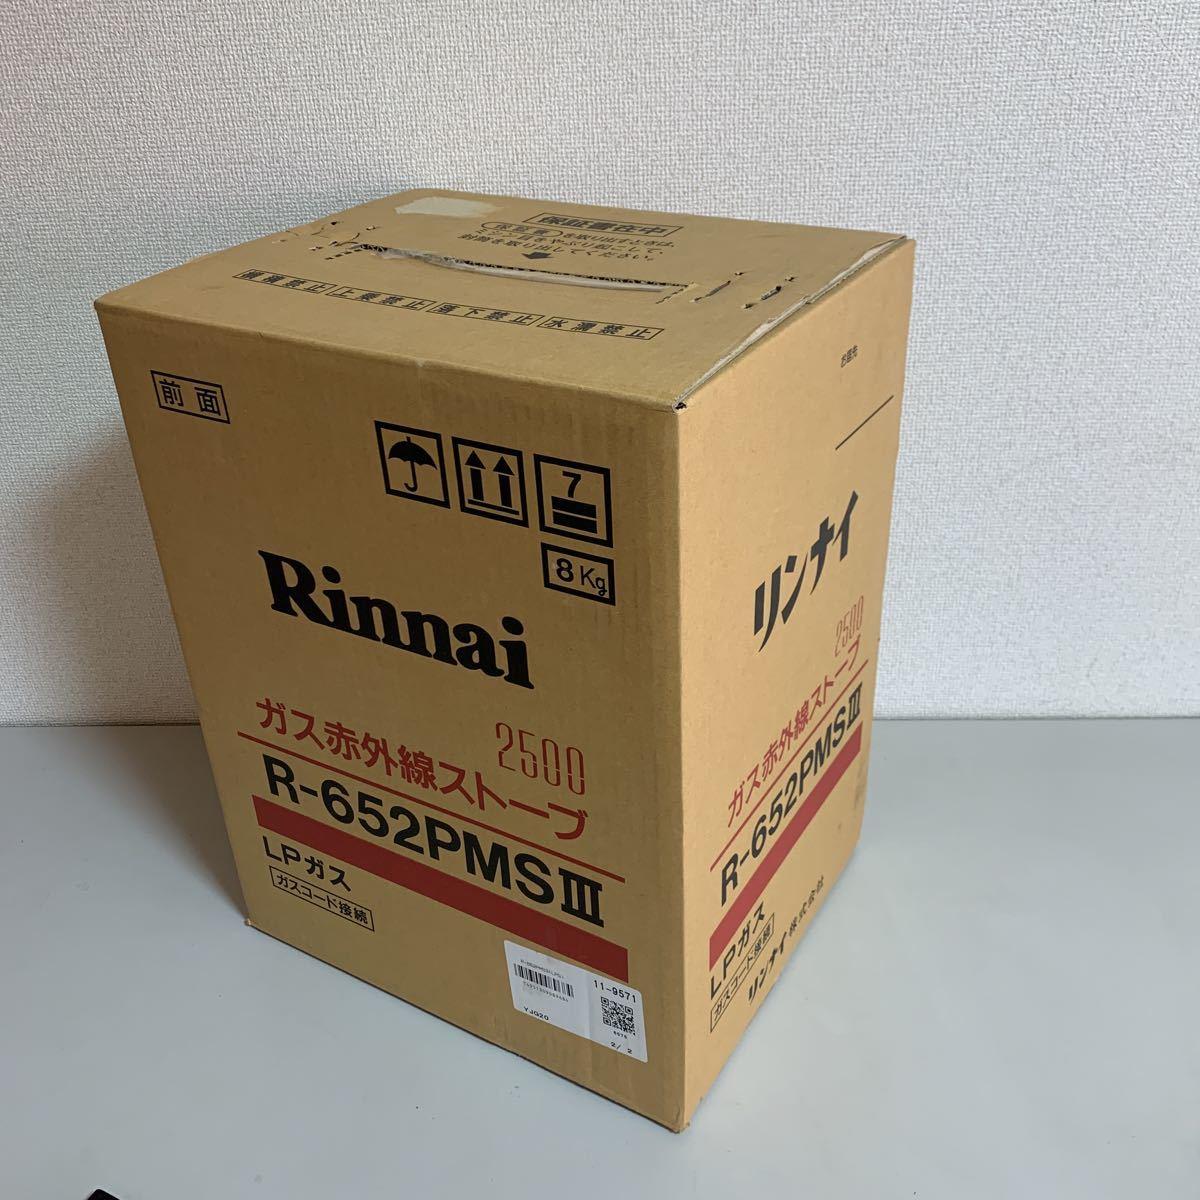 ★新古品 Rinnai ガス赤外線ストーブ R-652PMSⅢ ★_画像2